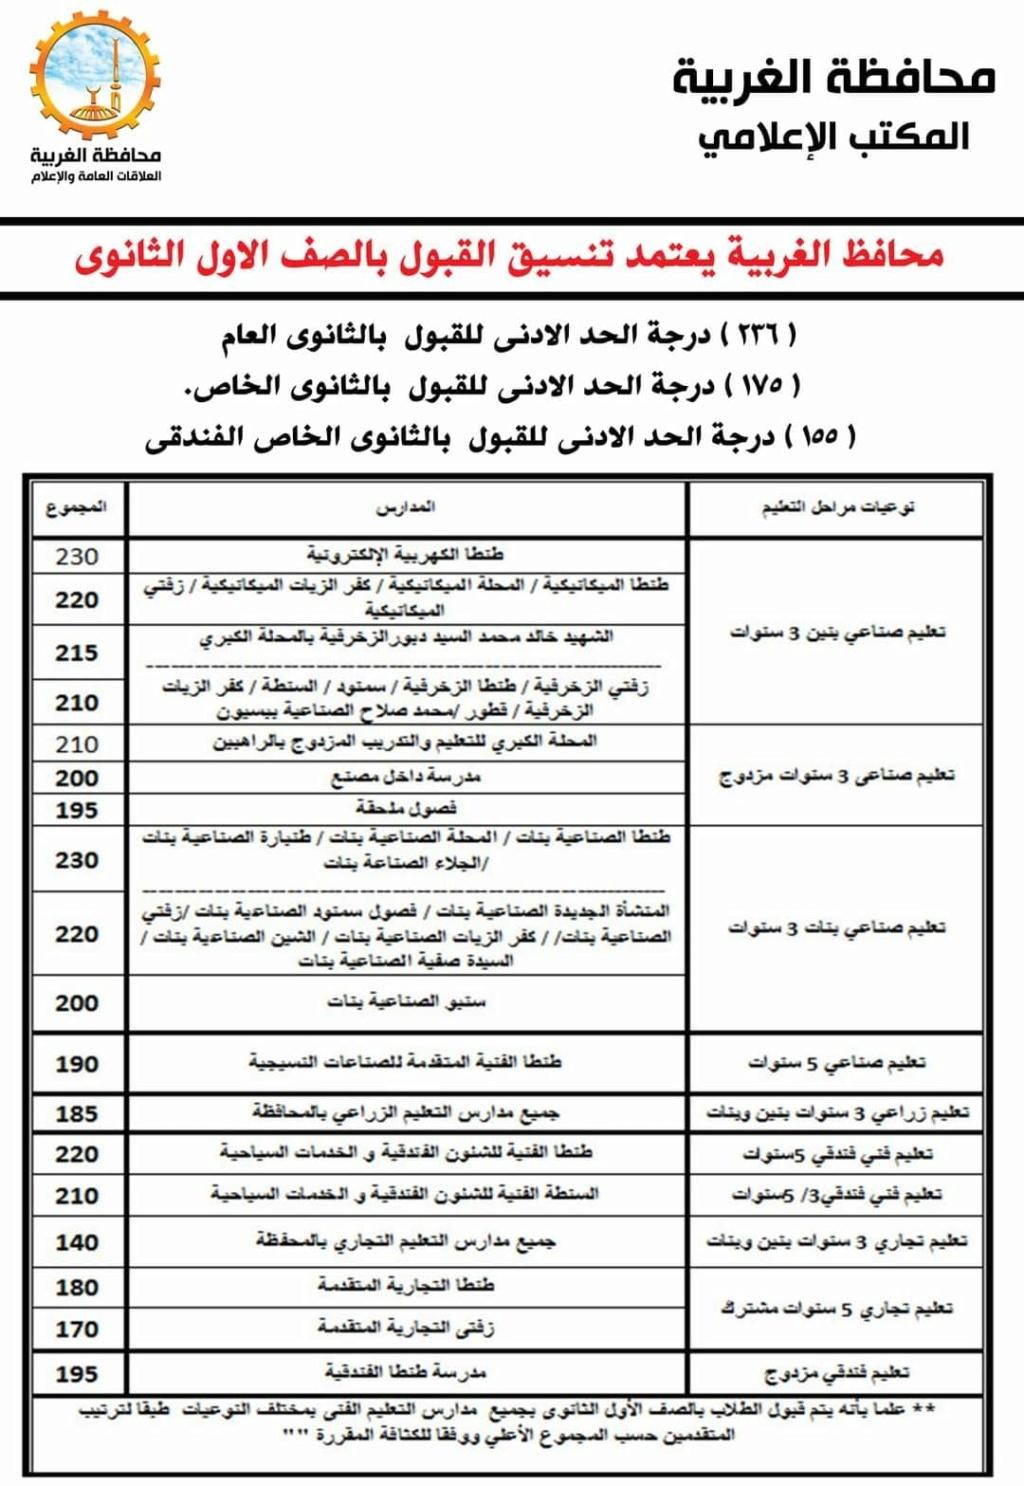 تنسيق القبول بالثانوي العام 2021 / 2022 محافظة الغربية 001137